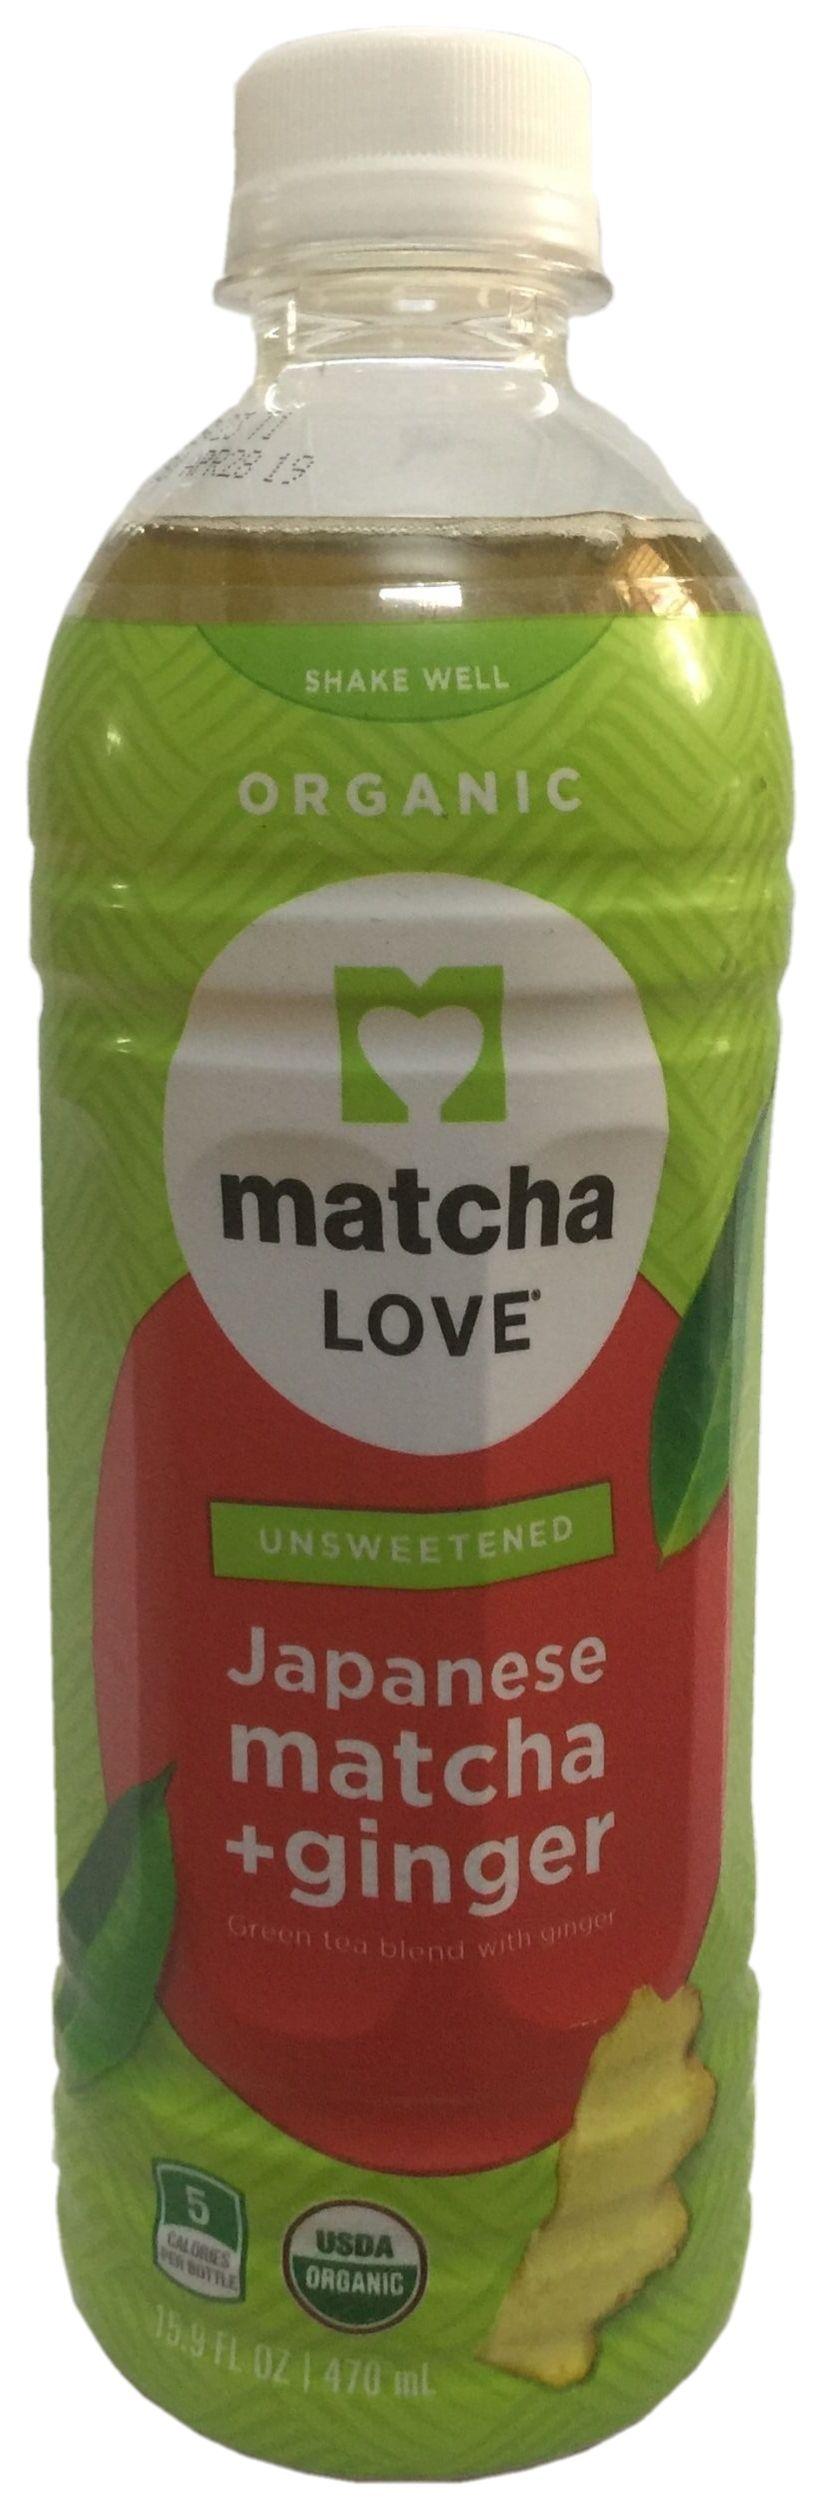 Ito En Matcha Love Matcha Ginger drink